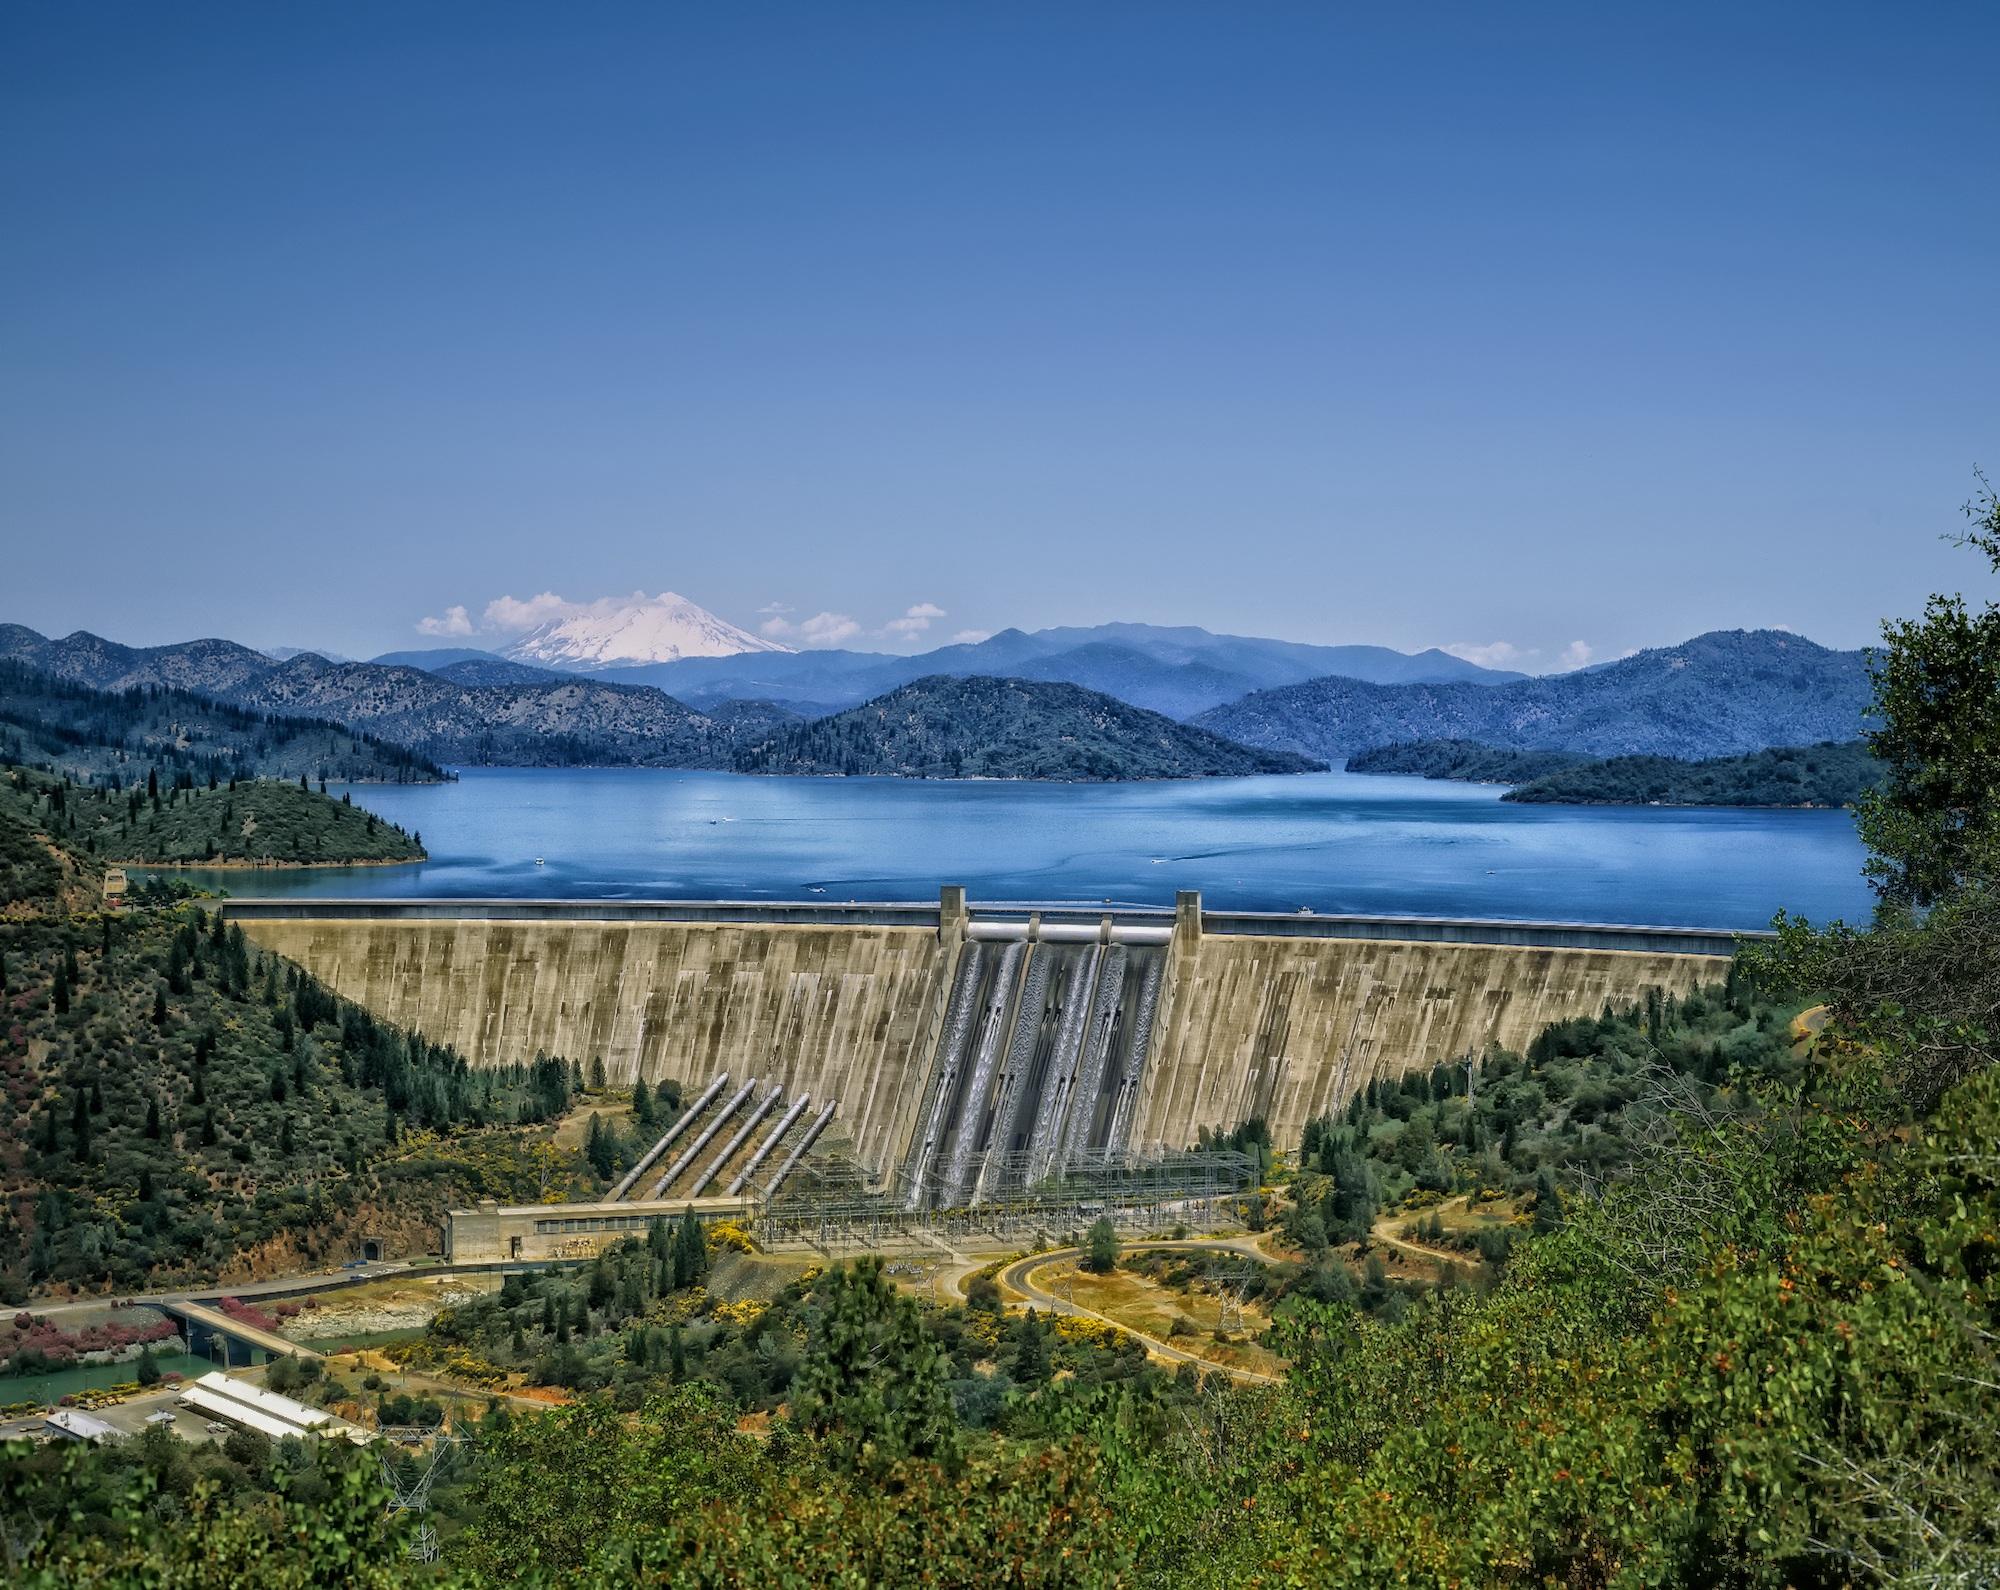 Fotos gratis paisaje agua naturaleza bosque monta a for Cabina lago north carolina